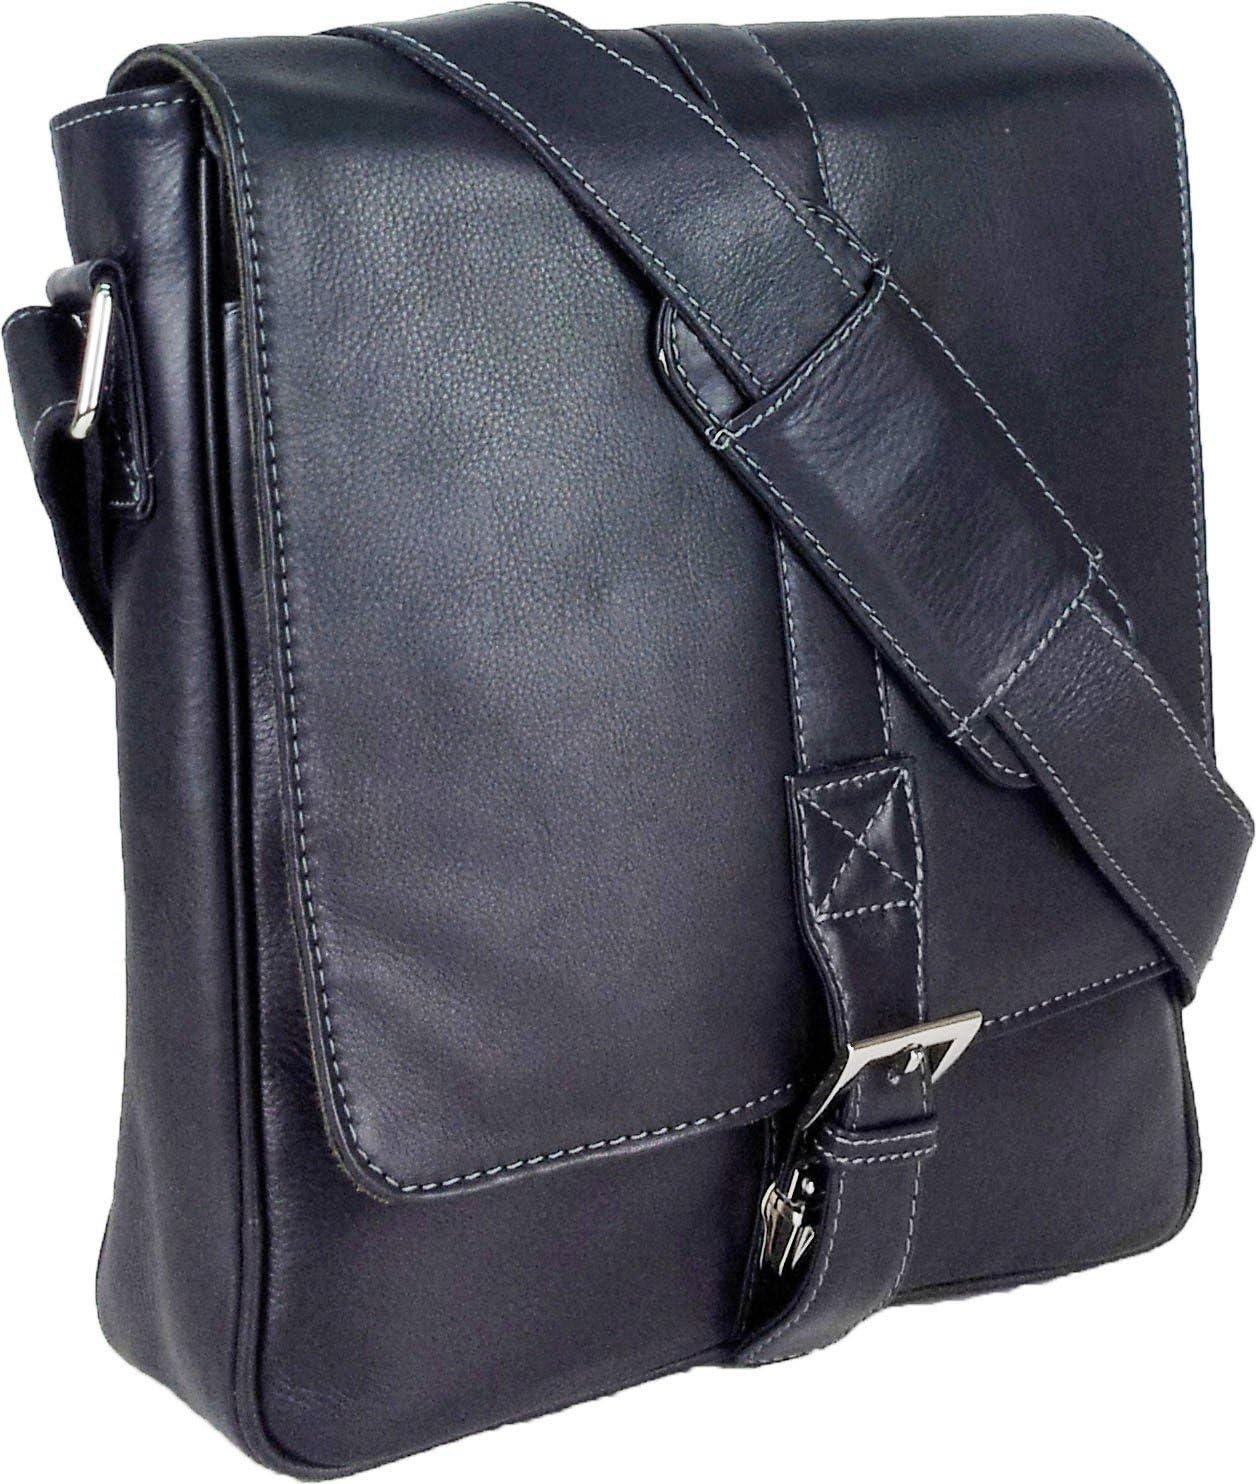 Messenger Bag #4J Ebook ou Tablets Messager Sac UNICORN R/éel en cuir Noir ipad